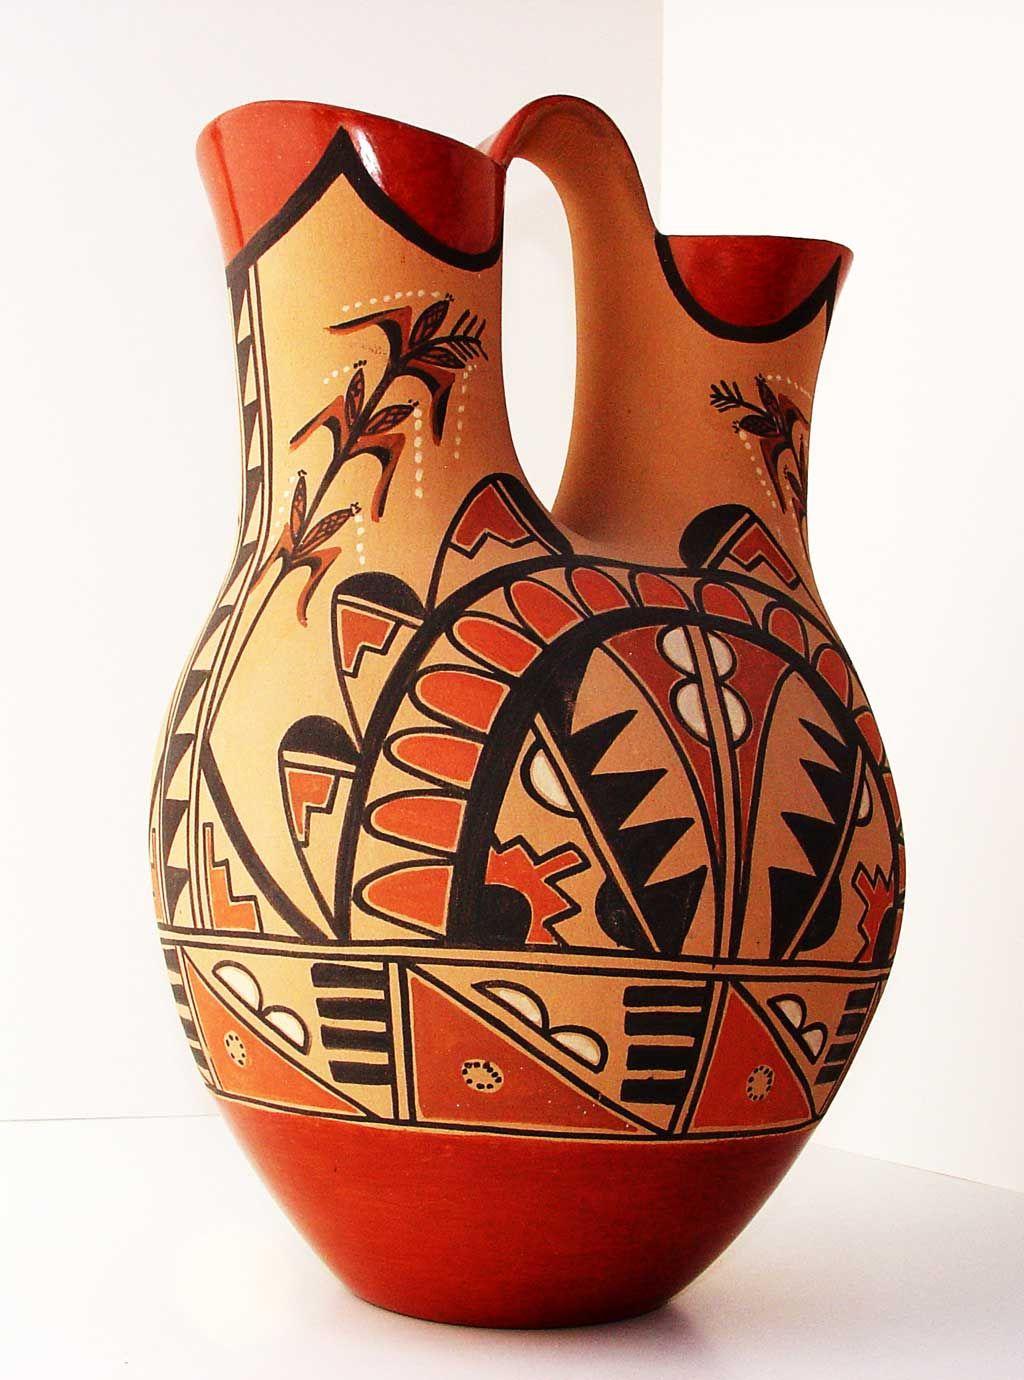 Vintage Wedding Vase, Jemez Artist Lenora Fragua Kilgore